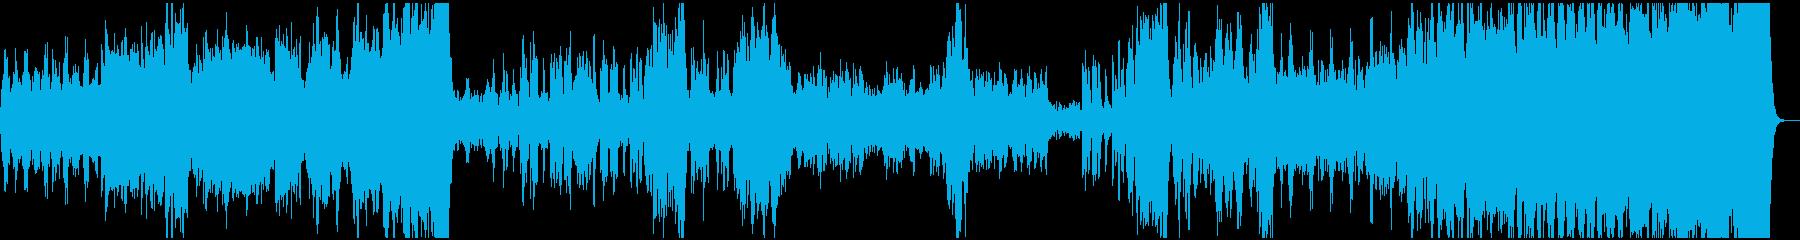 プロコフィエフ_ピアノソナタ第7番3楽章の再生済みの波形